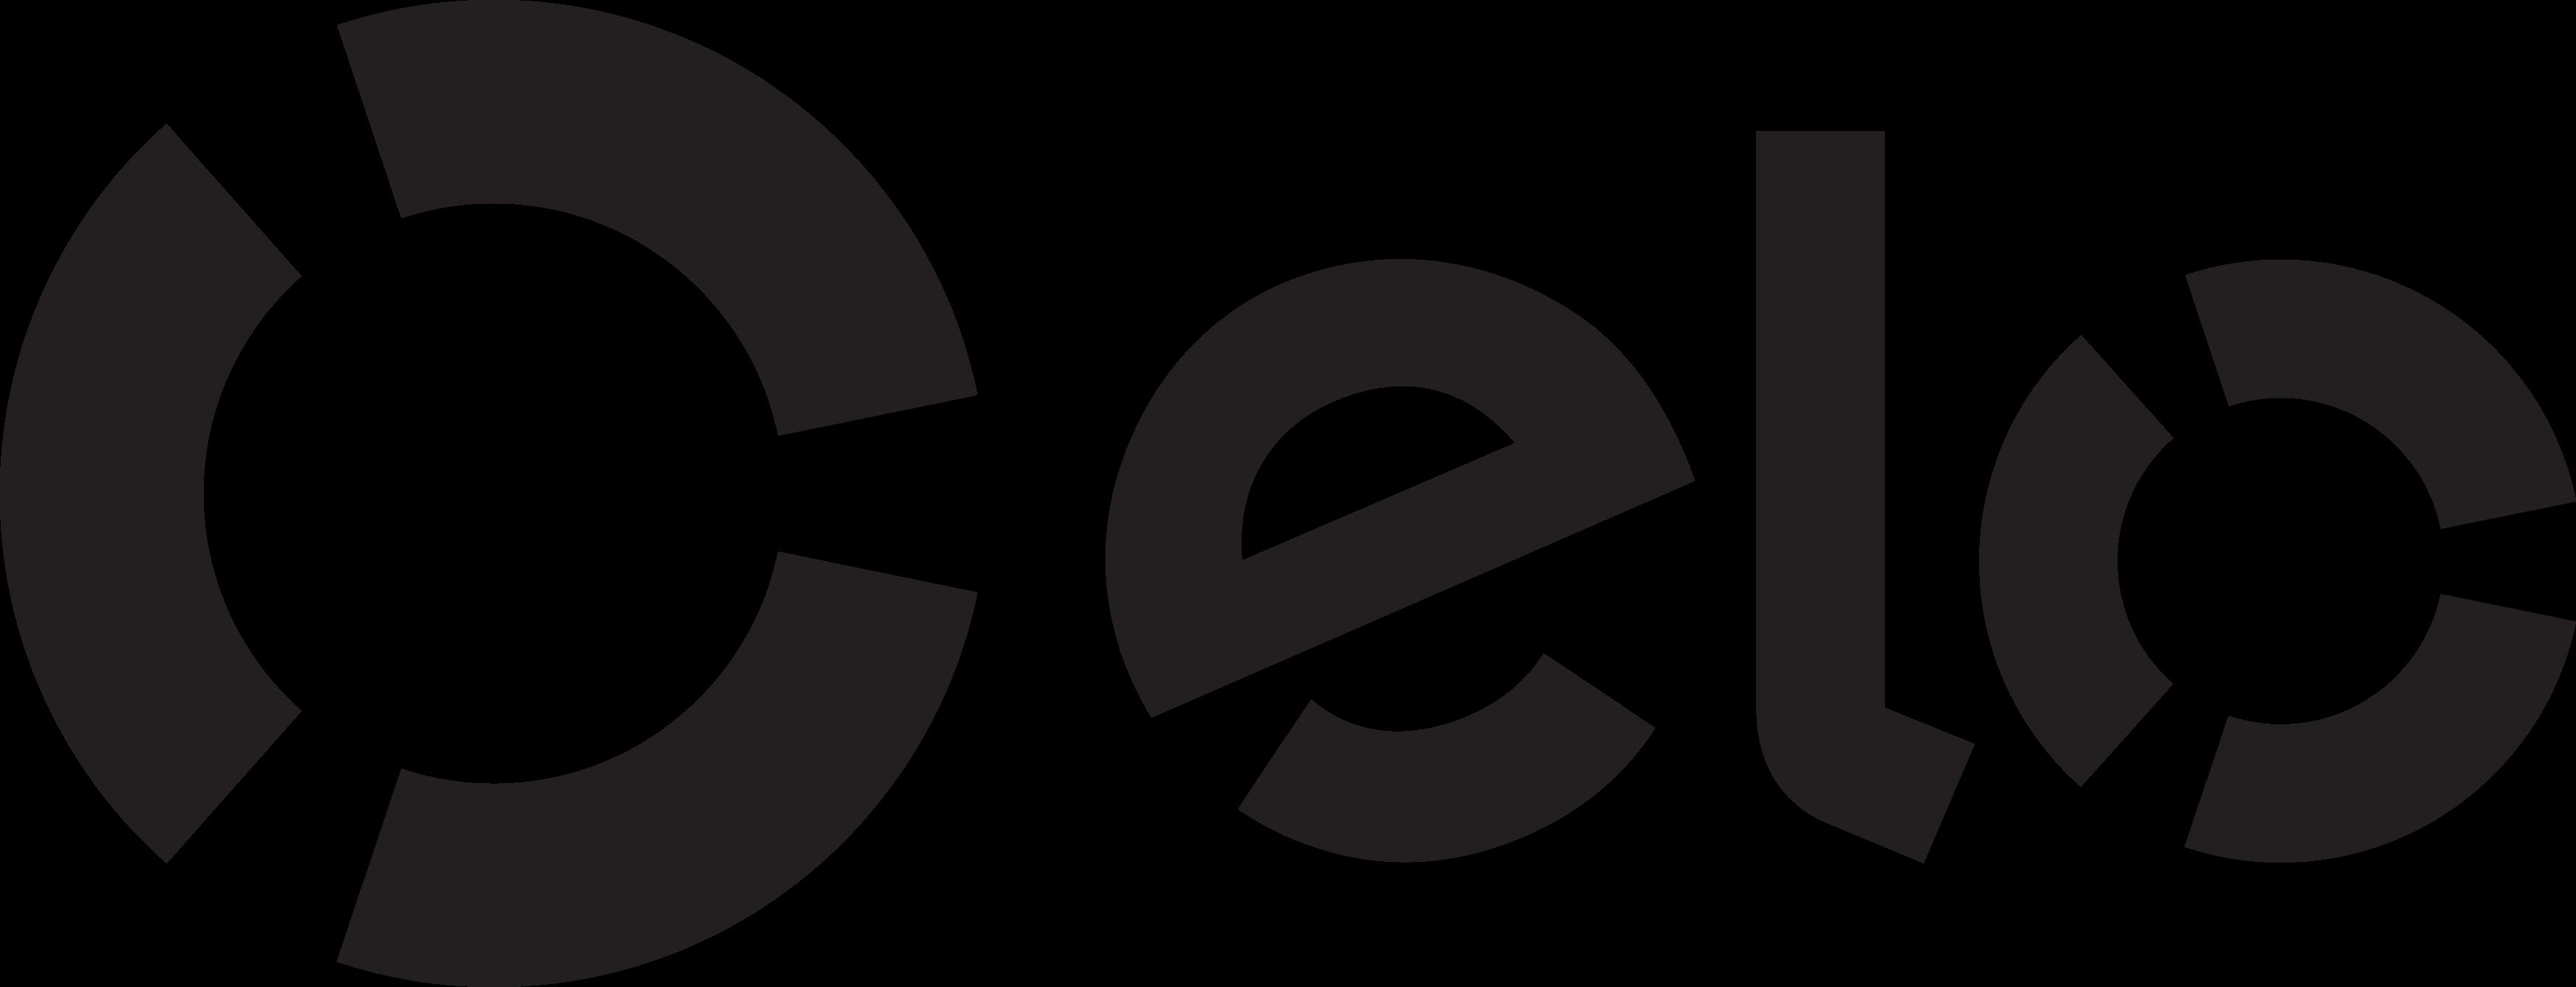 elo-logo-3